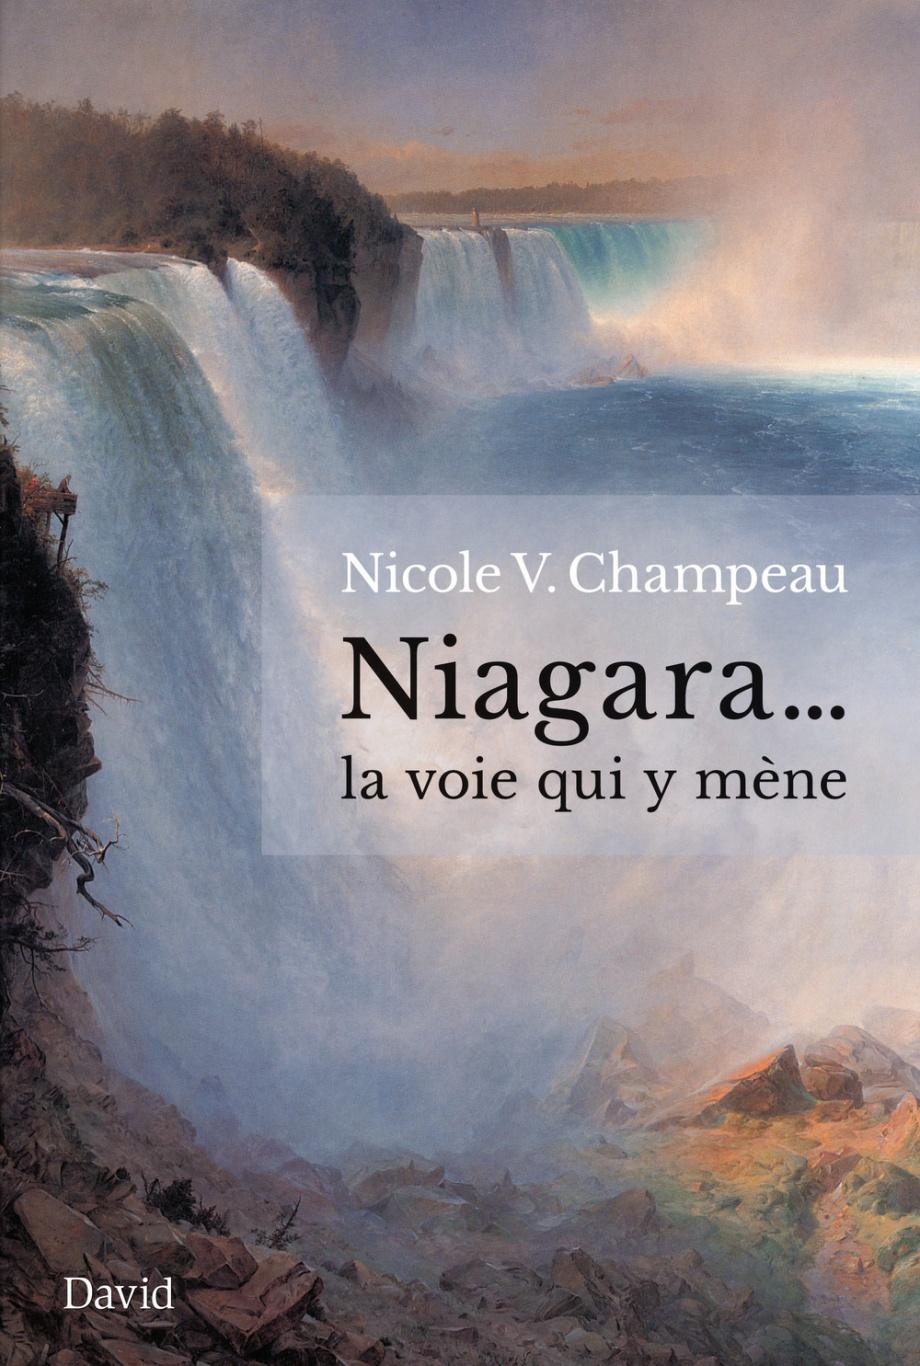 Niagara... la voie qui y mène par Nicole V. Champeau   Essais   Histoire    Leslibraires.ca